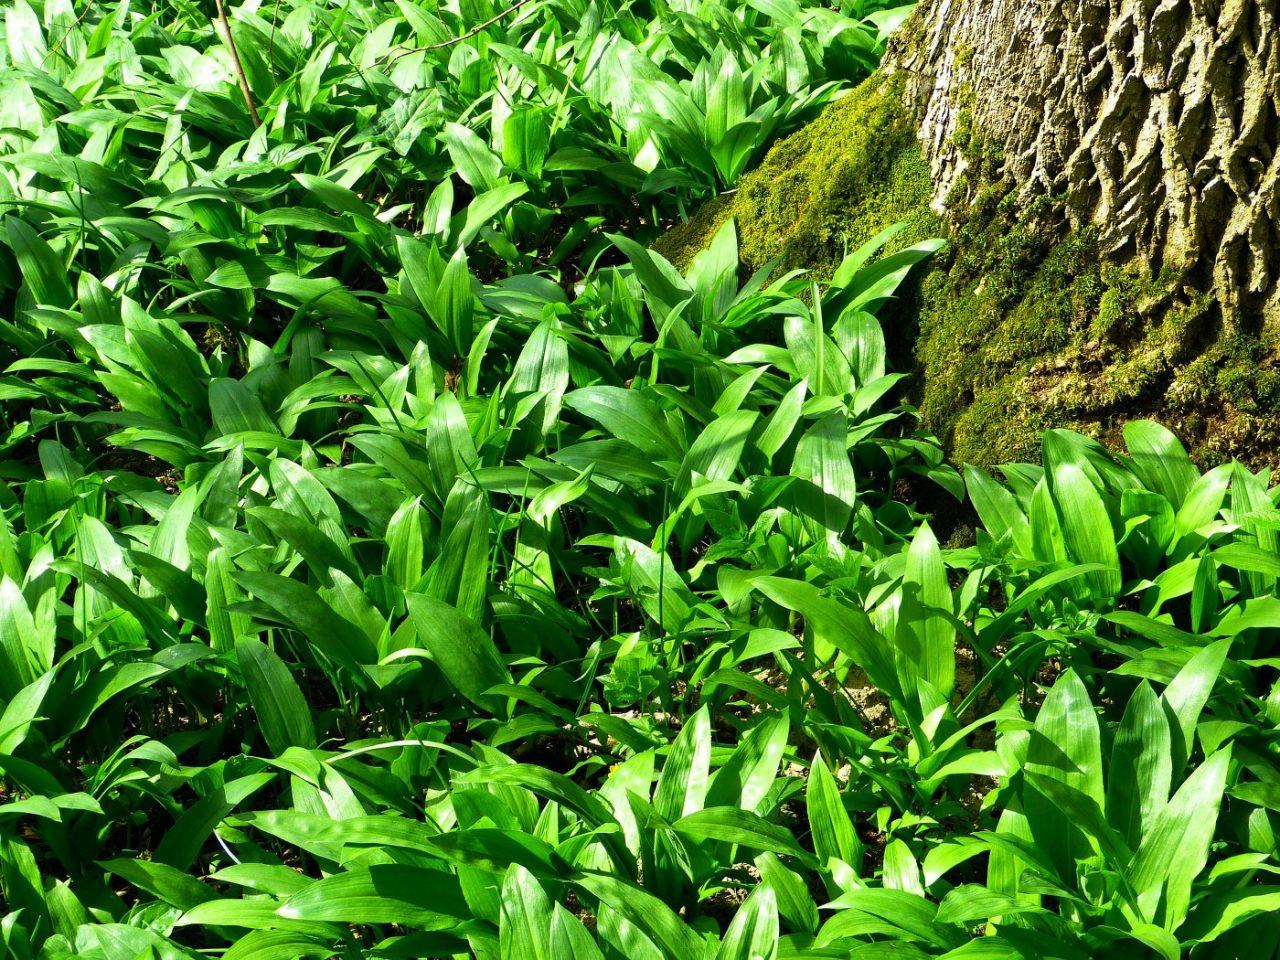 Biljke koje nisu dobre za konzumaciju lose utjecu na disni centar